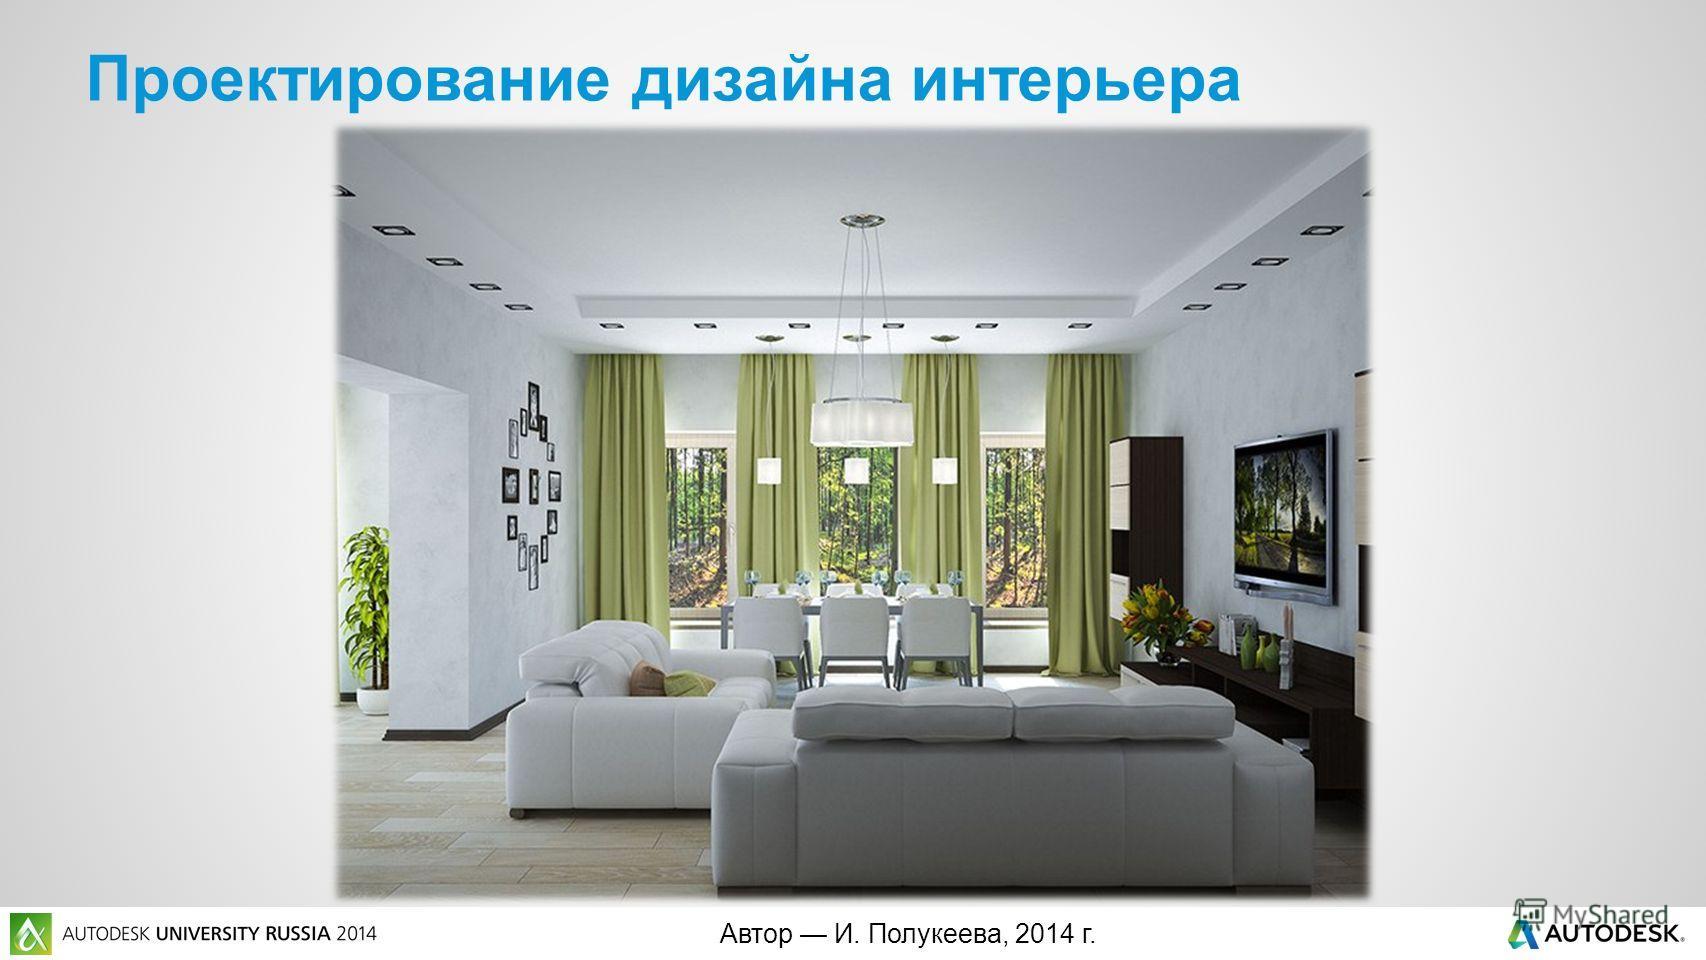 Автор И. Полукеева, 2014 г.